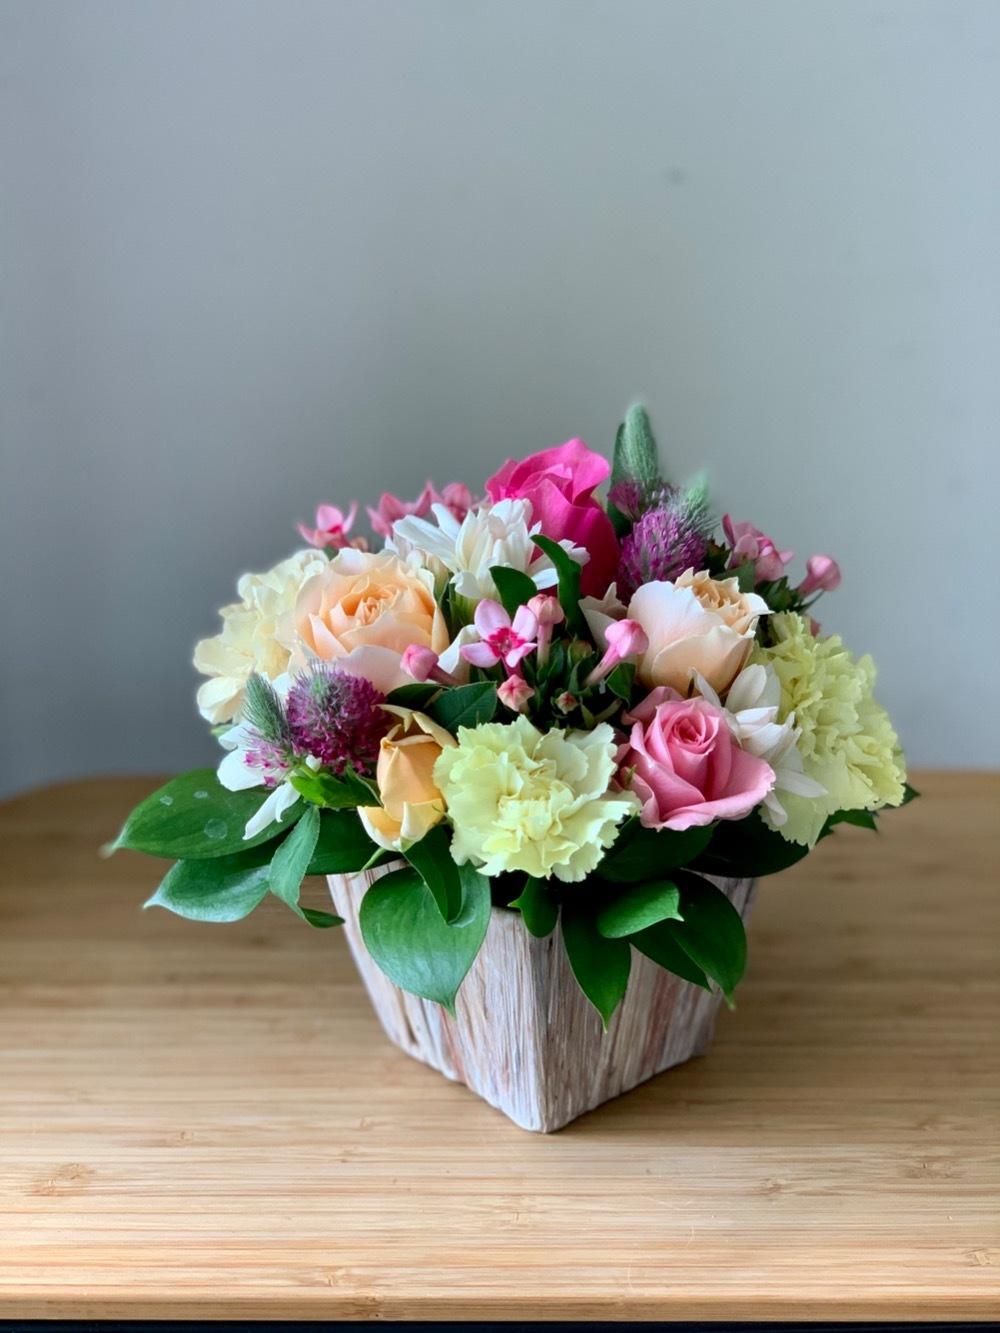 暖かく可愛らしい色味で元気にアレンジしたお祝い花